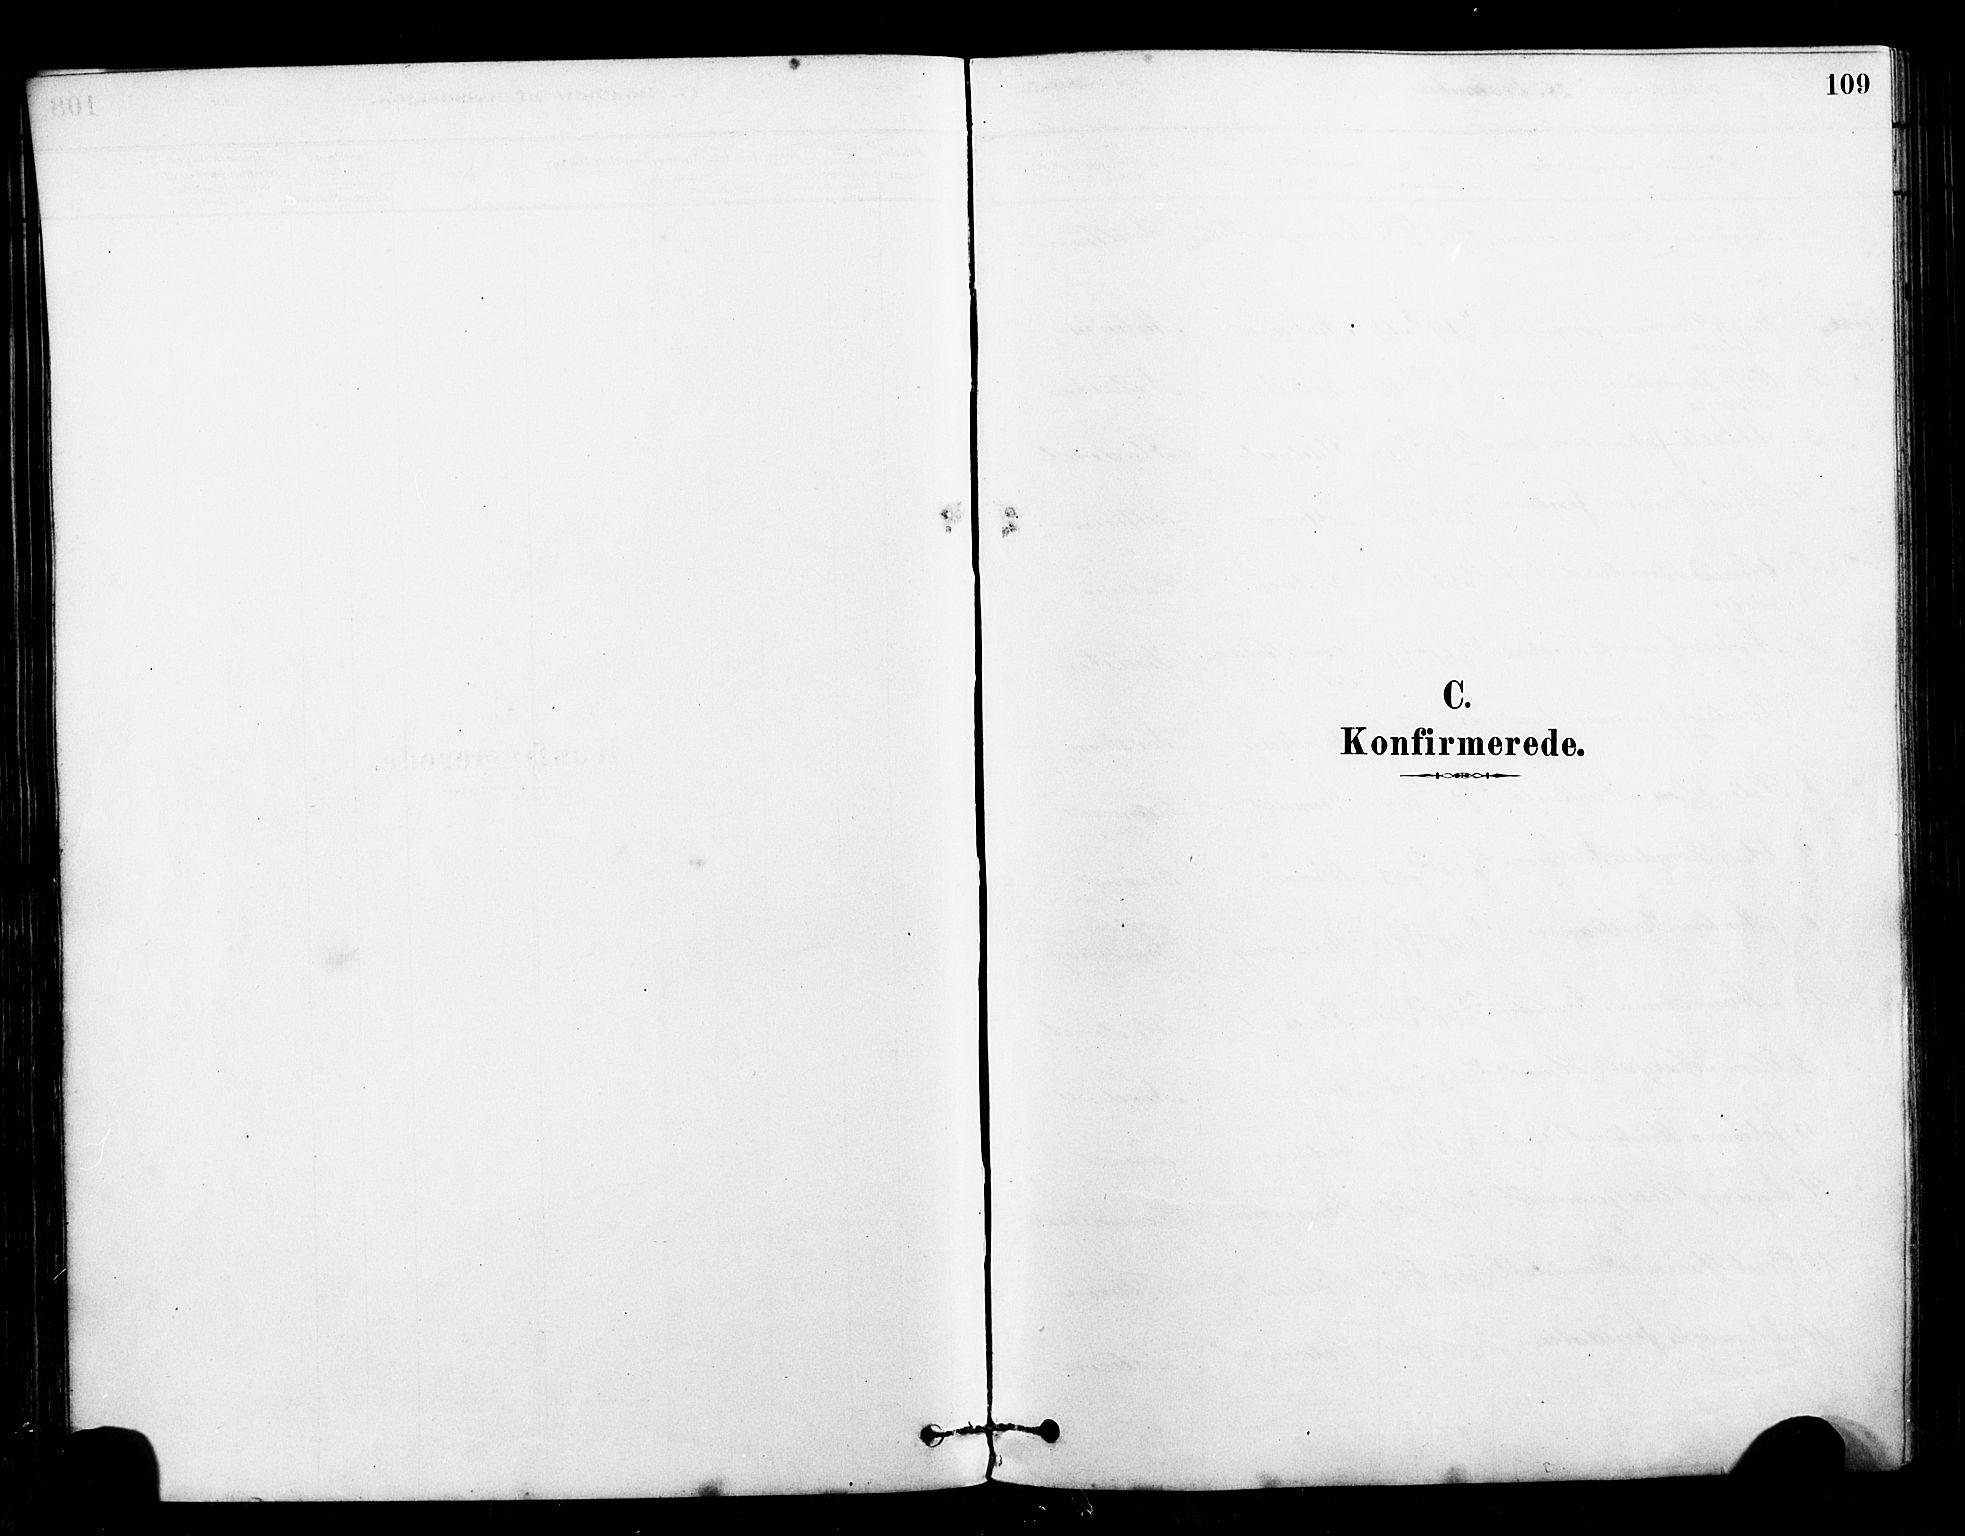 SAT, Ministerialprotokoller, klokkerbøker og fødselsregistre - Sør-Trøndelag, 640/L0578: Ministerialbok nr. 640A03, 1879-1889, s. 109